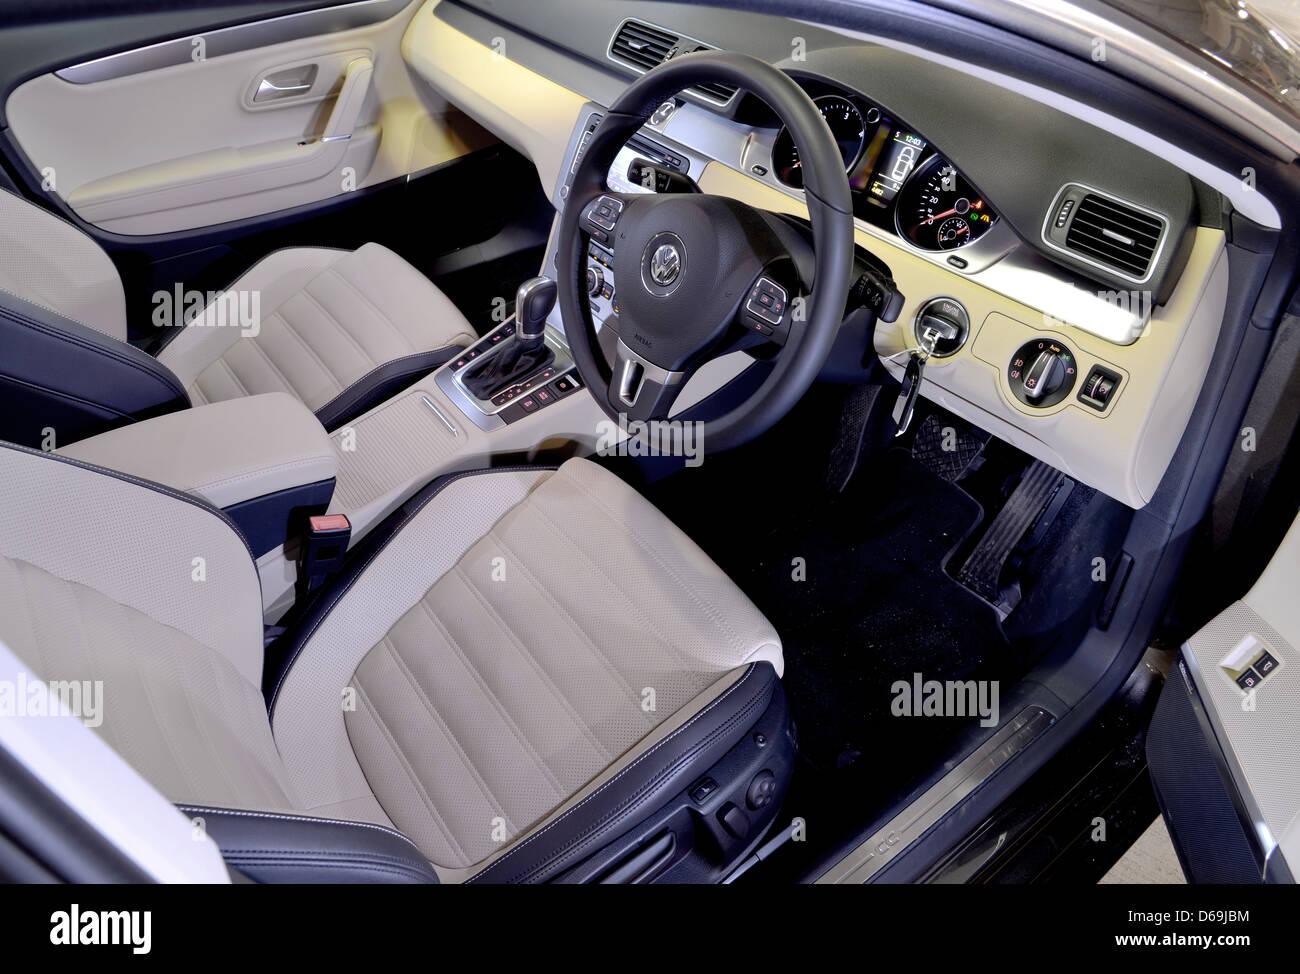 2012 2013 VW Volkswagen Passat CC Interieur Stockfoto, Bild ...